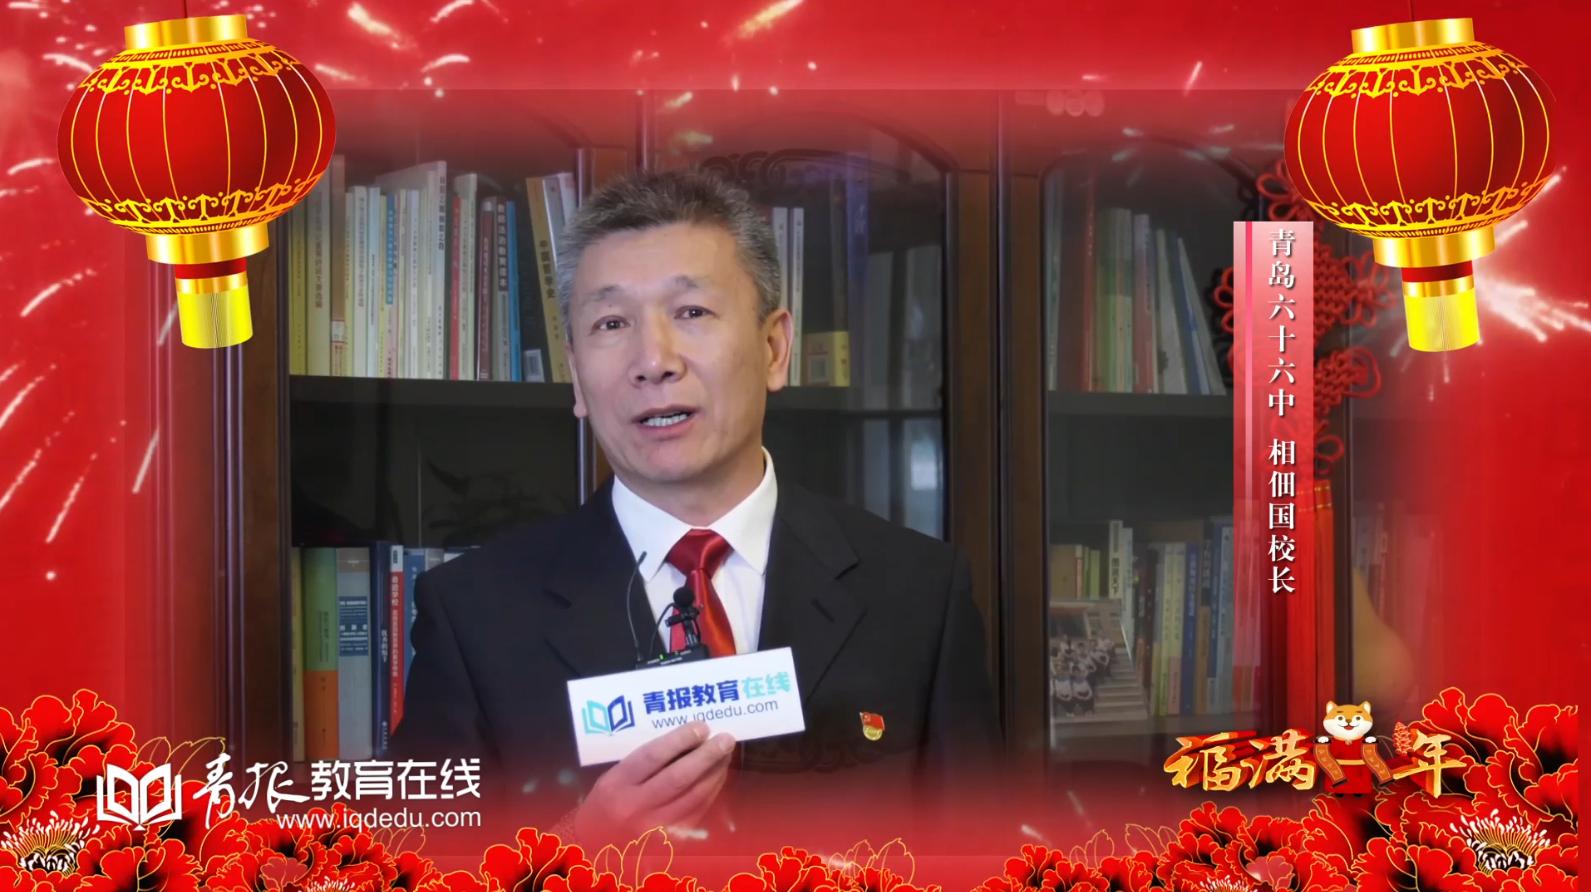 【视频】青岛66中携新疆班祝您新年快乐!